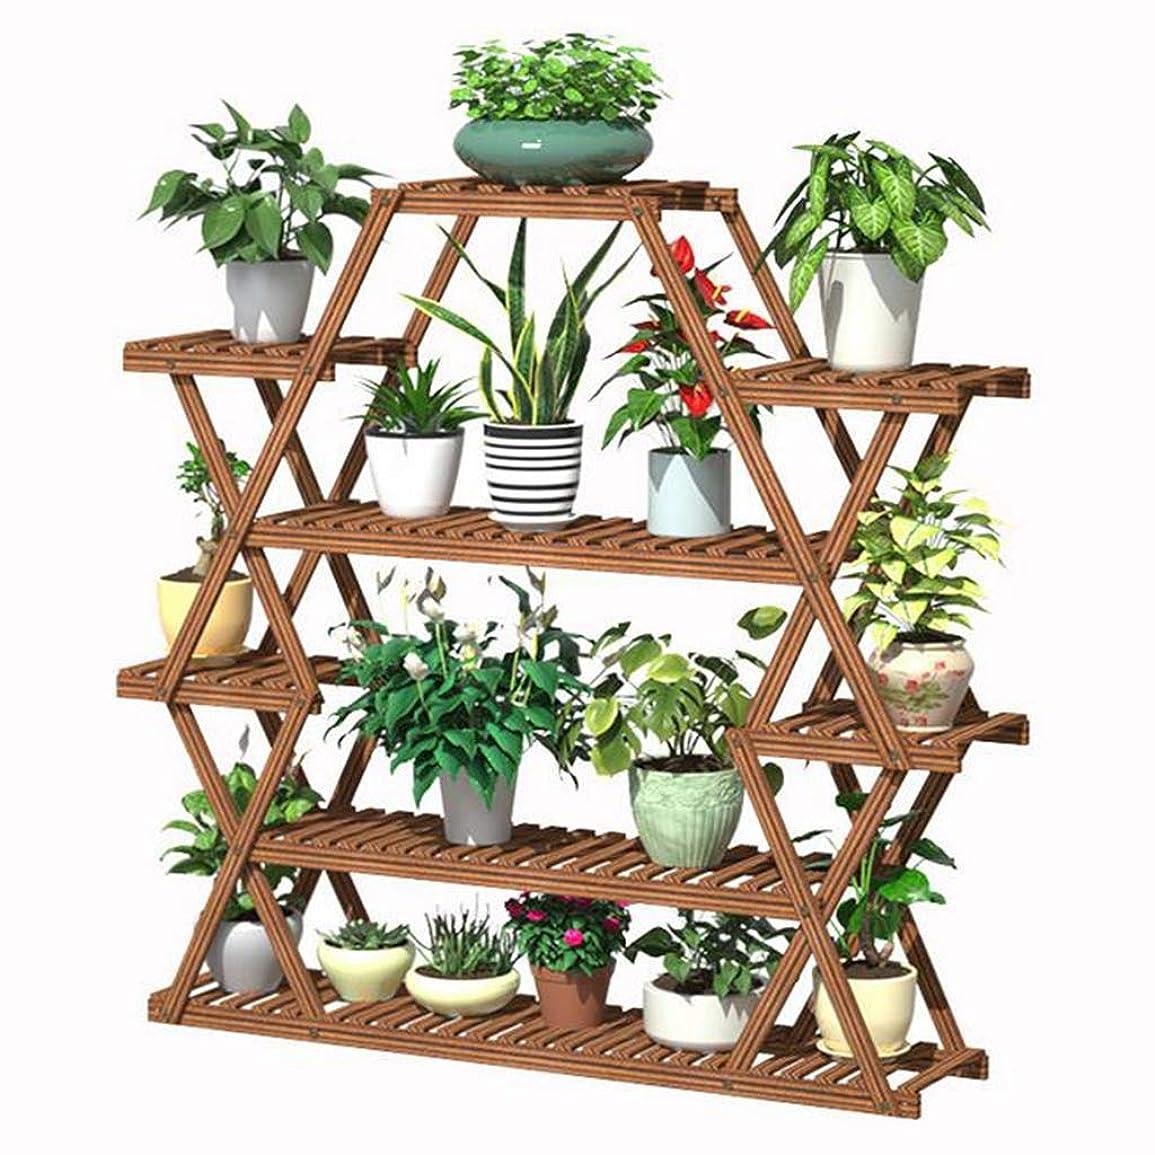 リスナー式所持多層盆栽ラックバルコニーフラワーポットラックリビングルームベッドルームフラワーポットラック木製床植物ディスプレイフラワースタンド